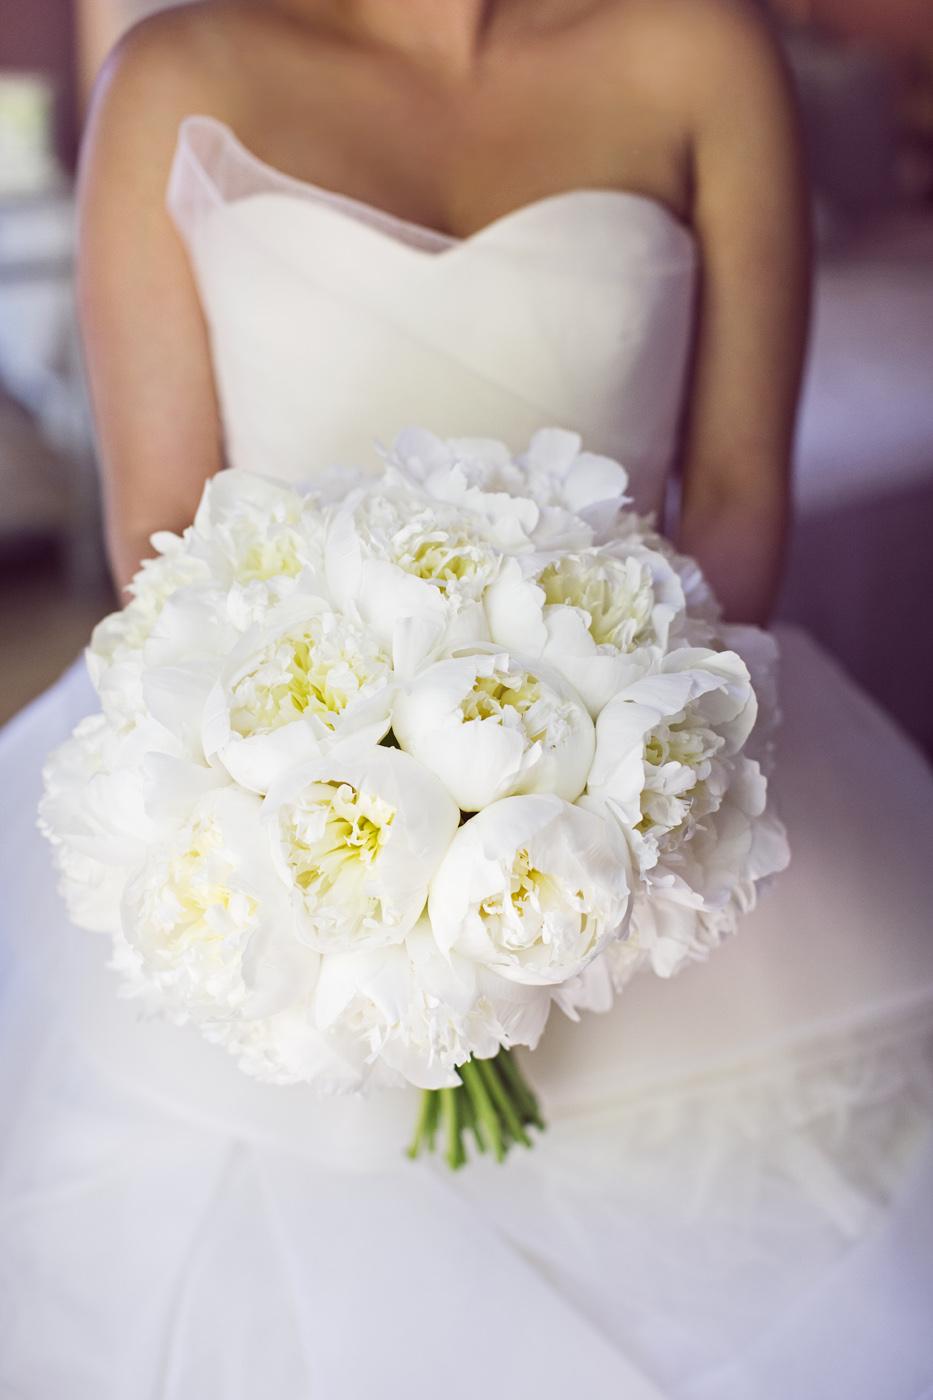 021_DukePhotography_DukeImages_Wedding_Details.jpg